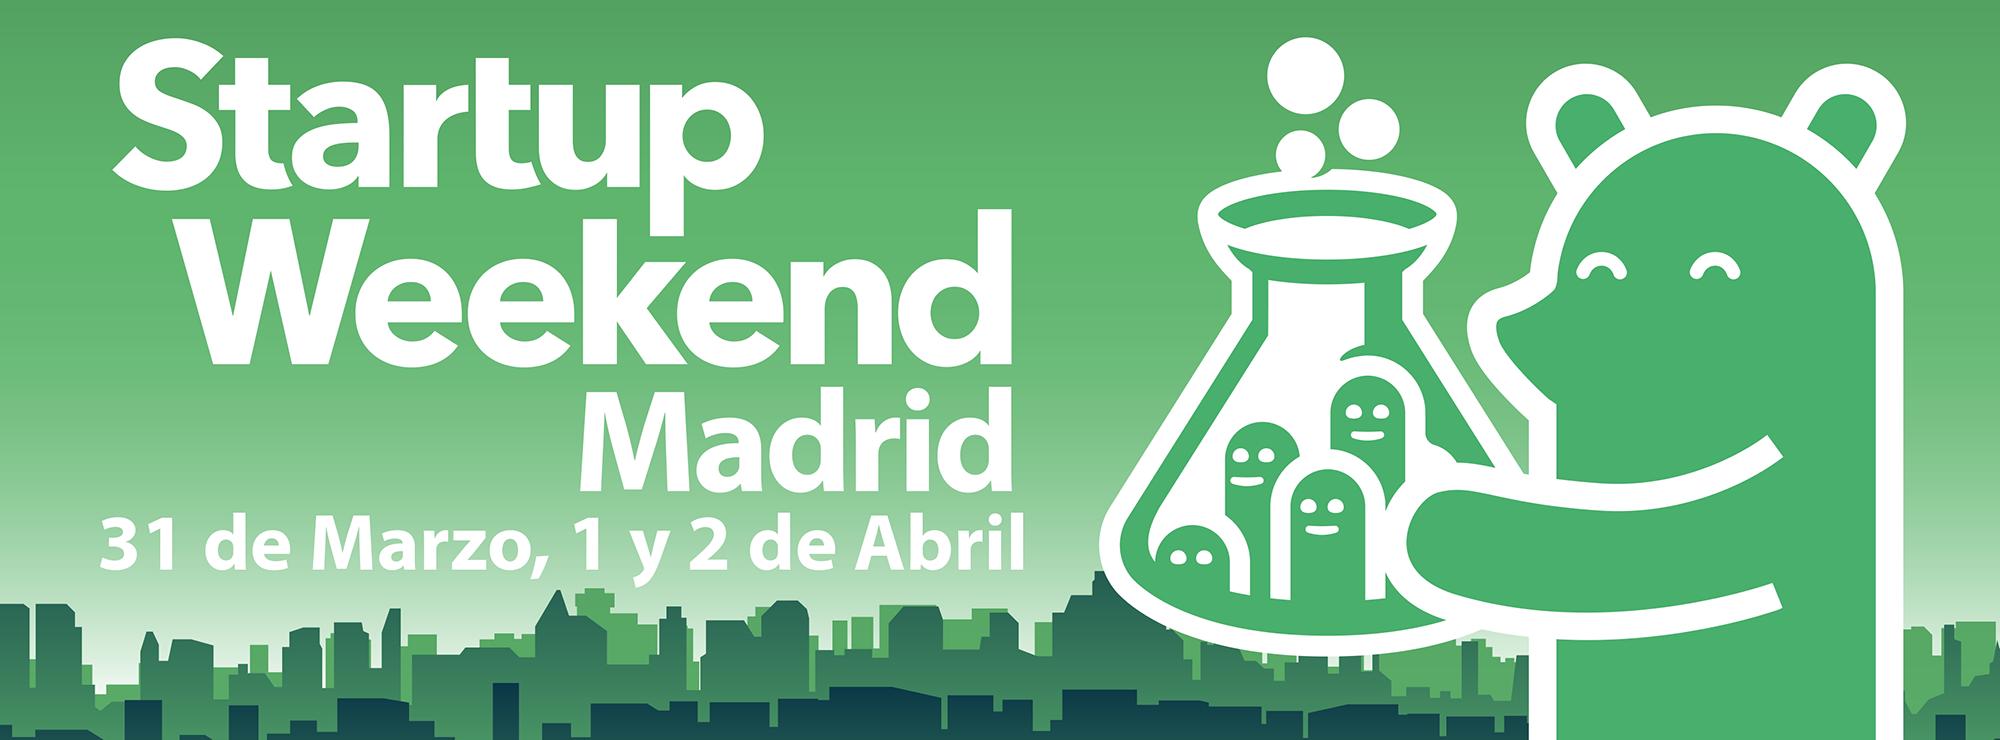 slide_startupweekendmadrid